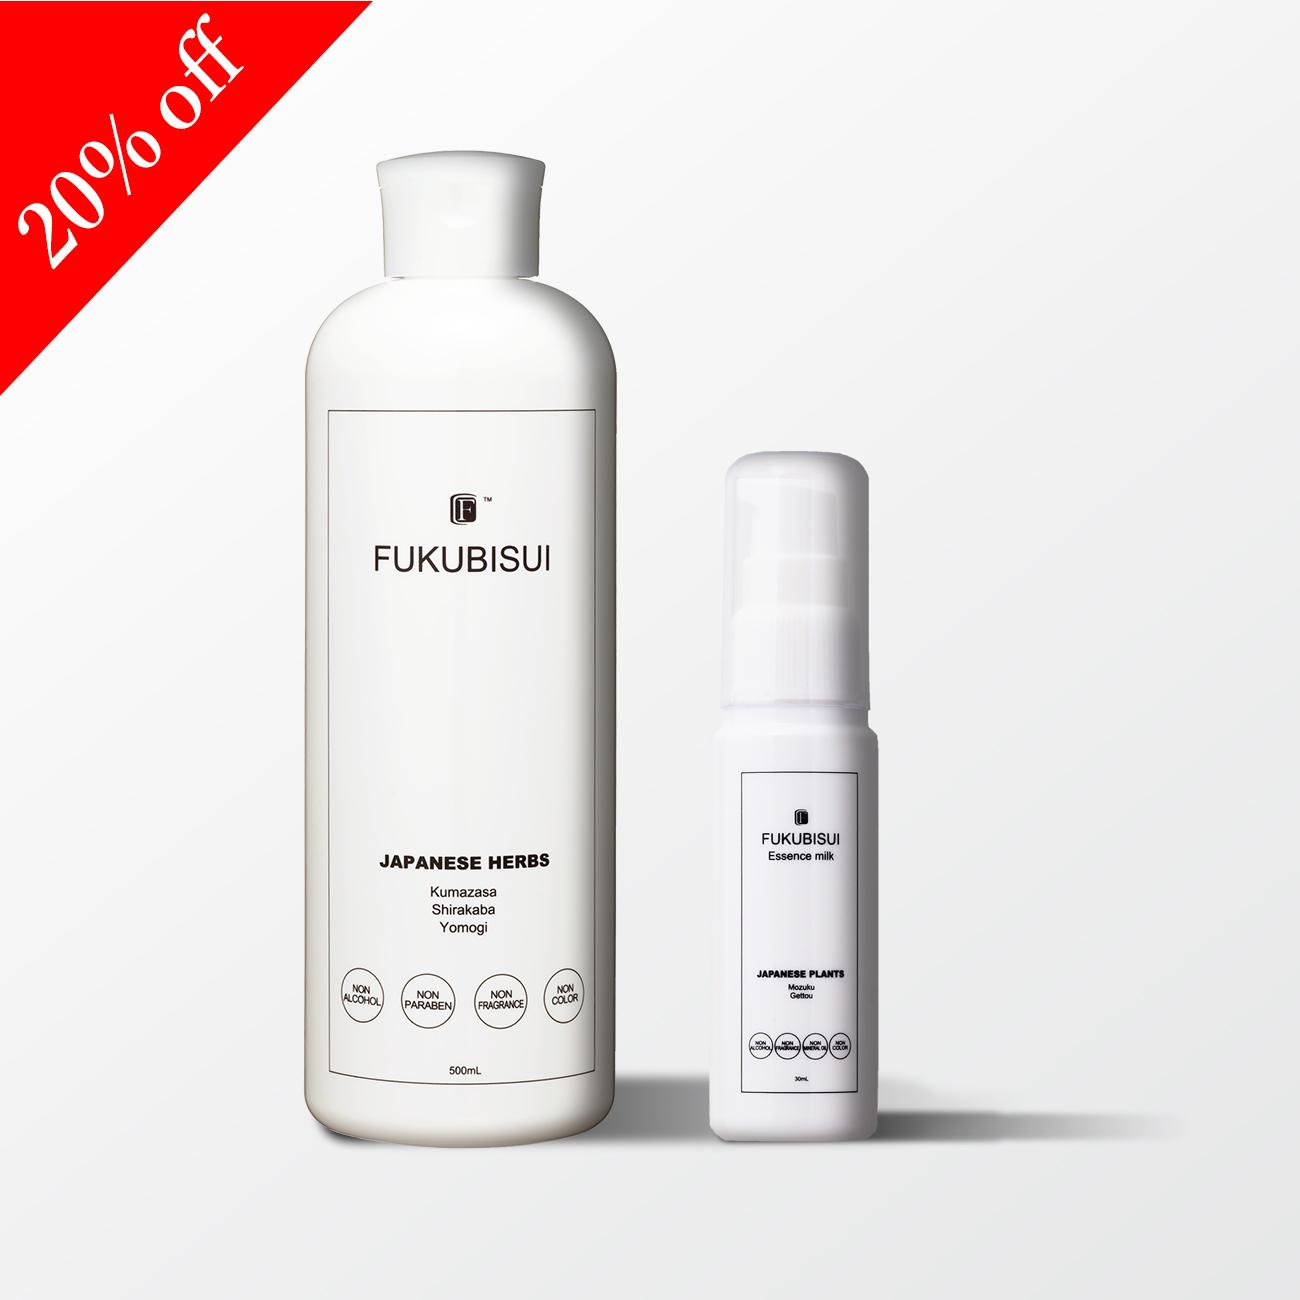 【定期購入】福美水 + エッセンスミルク (美容乳液) セット